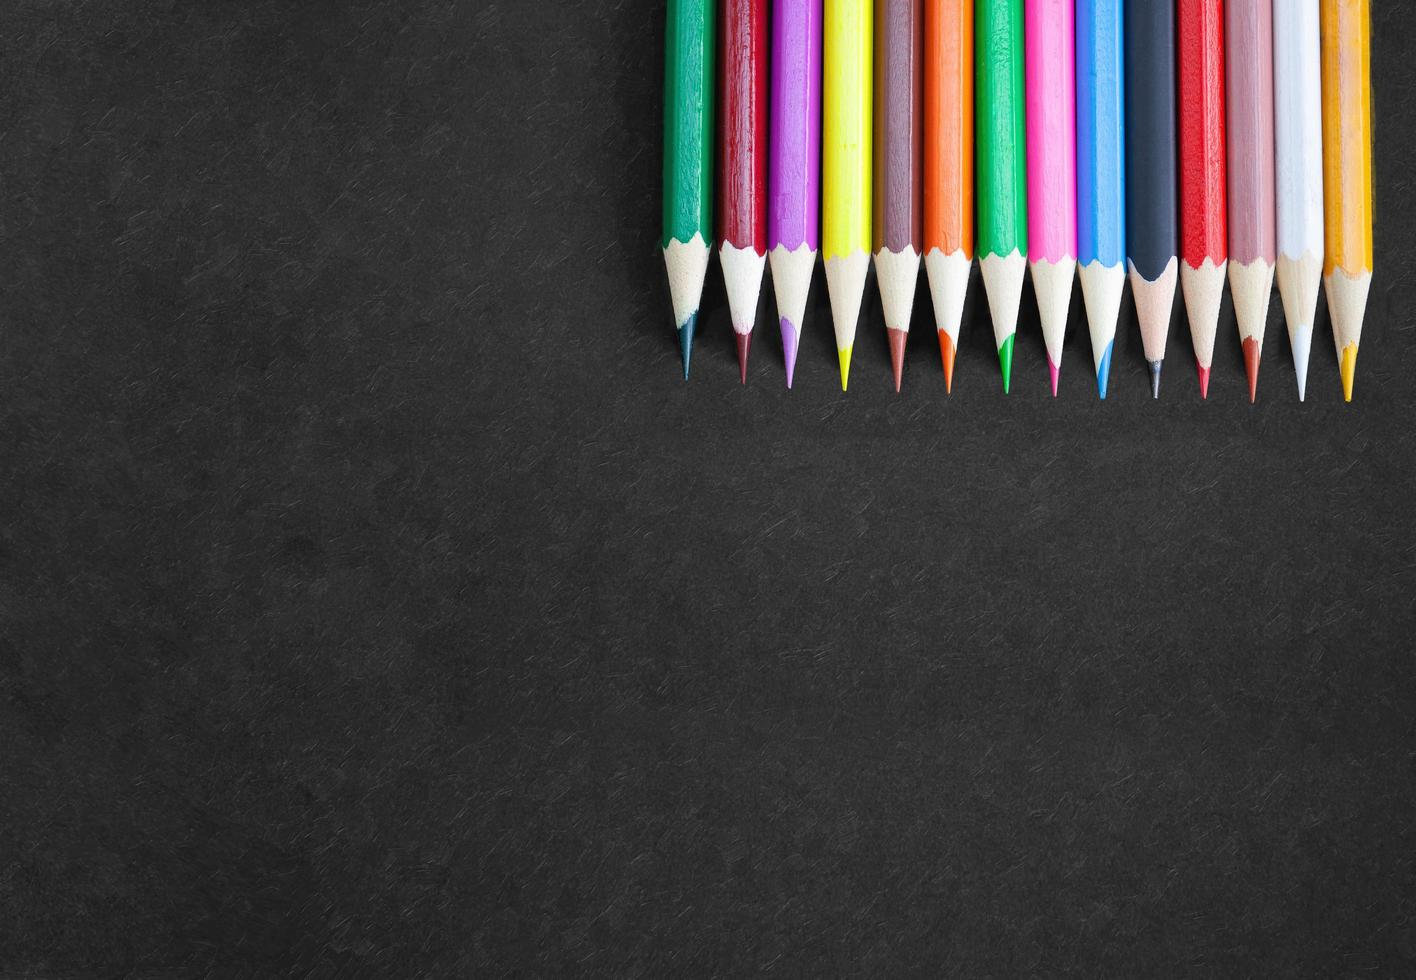 disegno banner concetto, matite colorate nell'angolo in alto a destra su tela nera con texture. foto